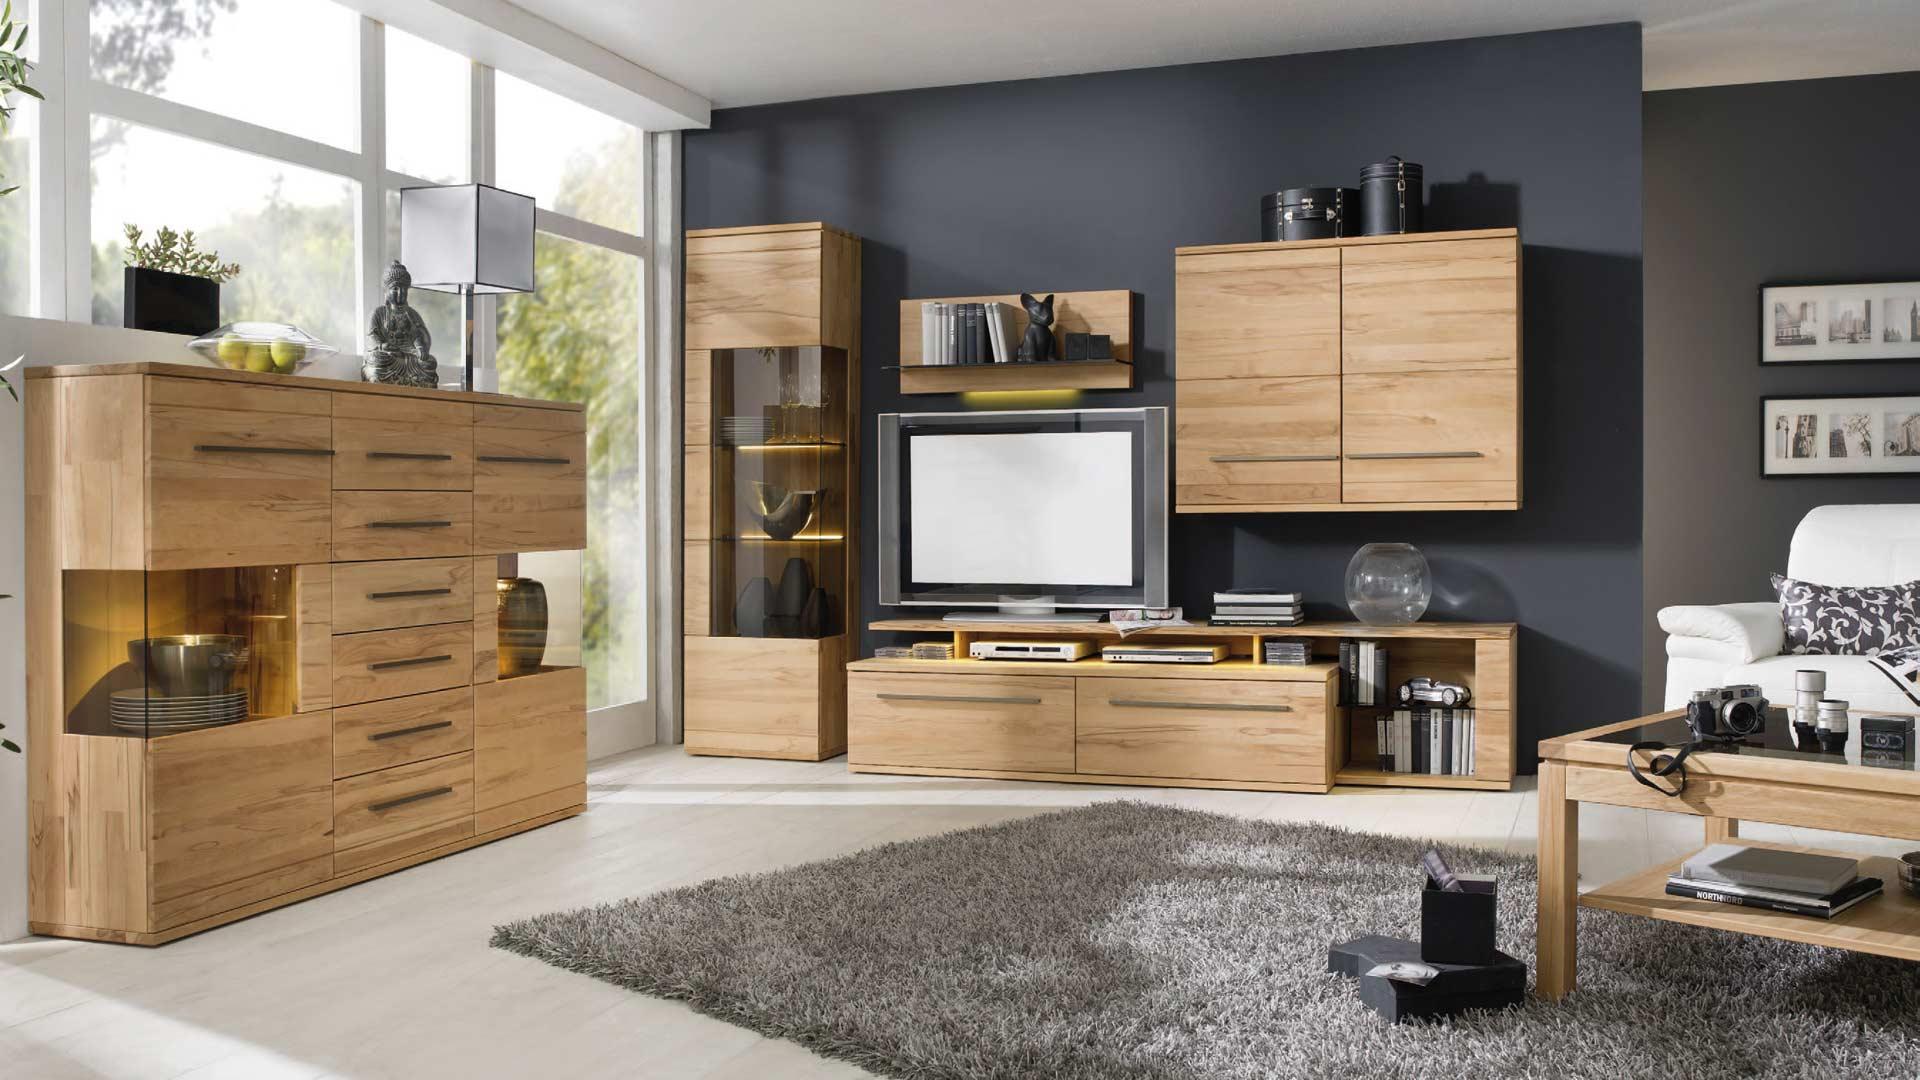 Möbel Lübeck europa möbel möbelhaus domres in kluetz nahe lübeck und wismar